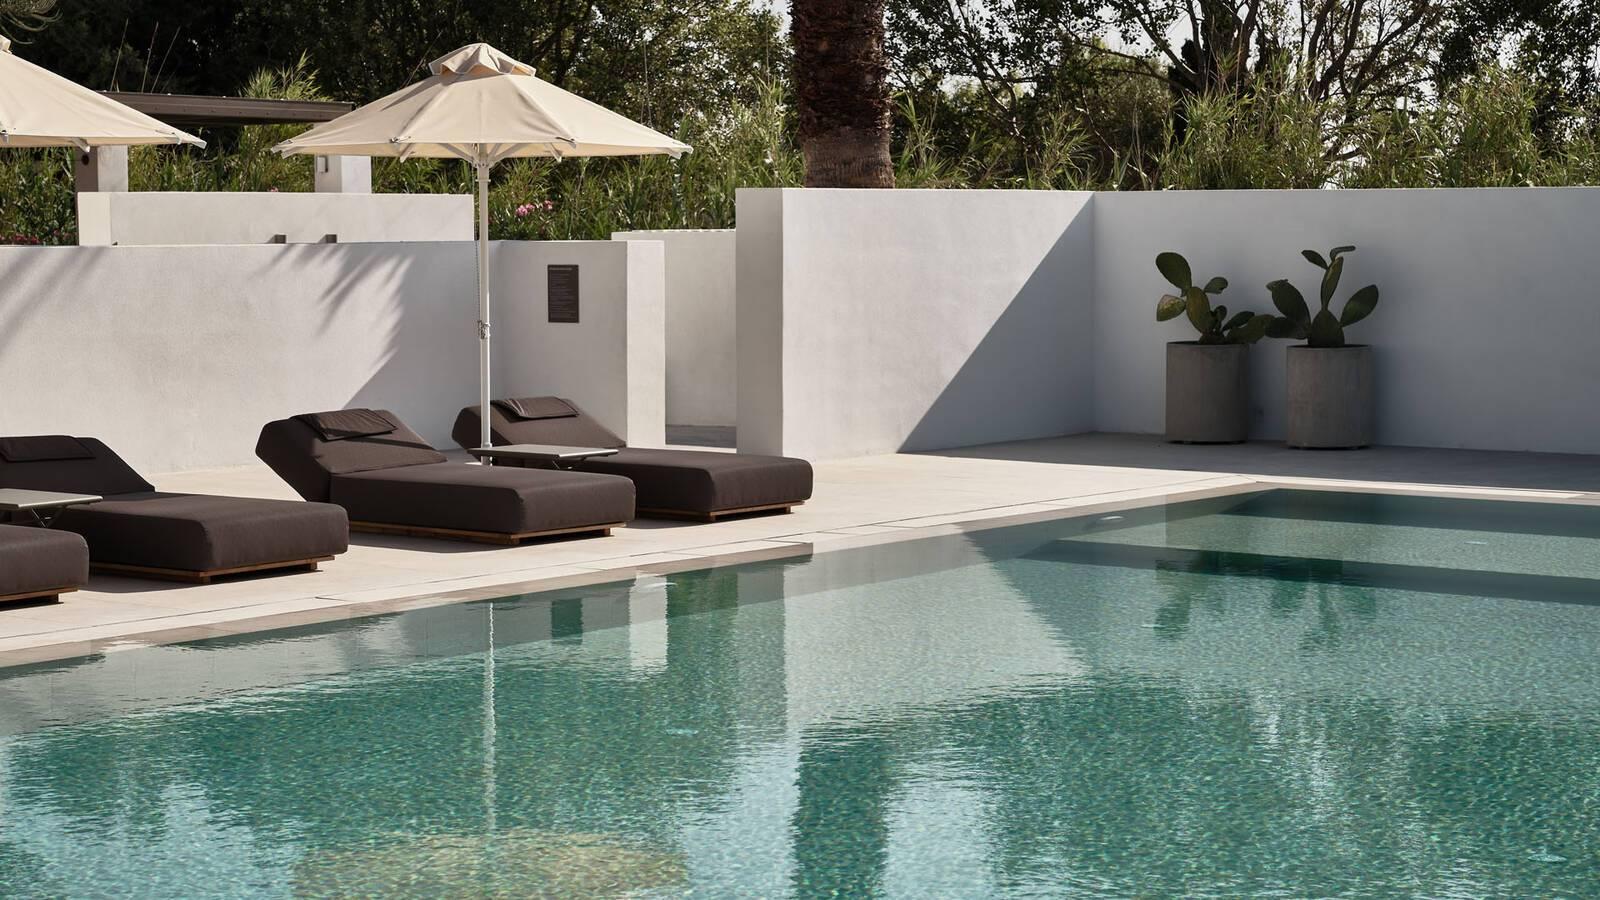 Sejour grece paros parilio piscine transats